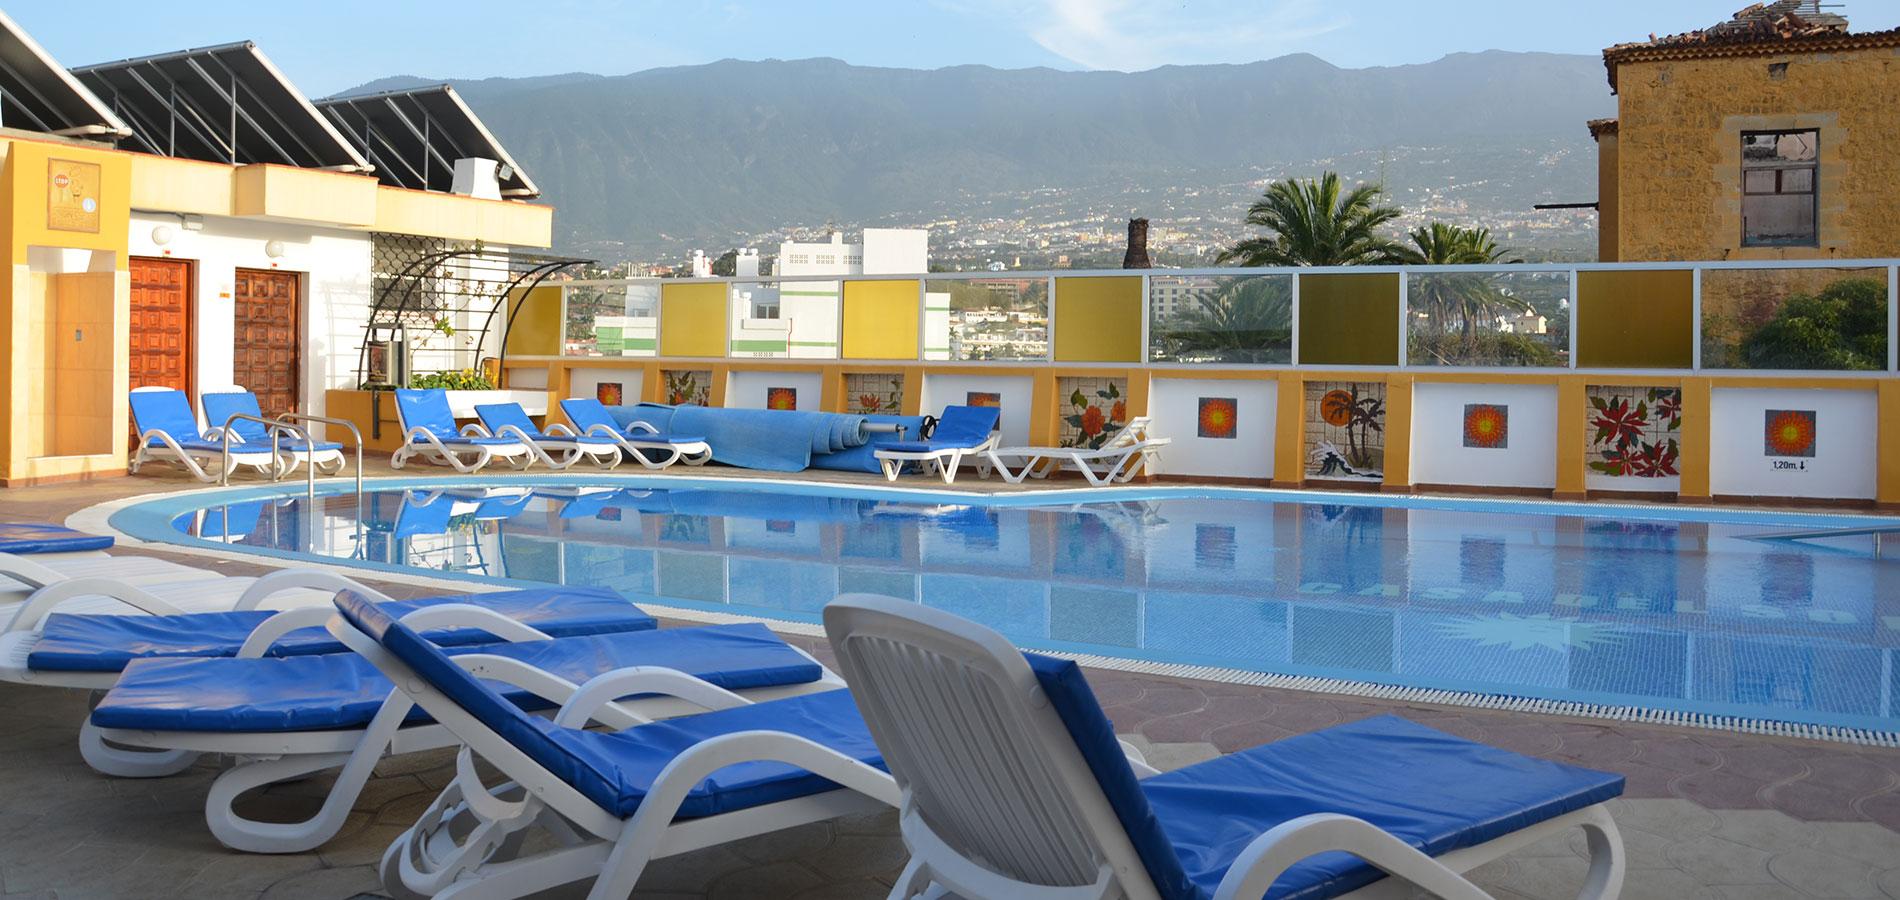 Hotel Casa Del Sol In Puerto De La Cruz Tenerife Official